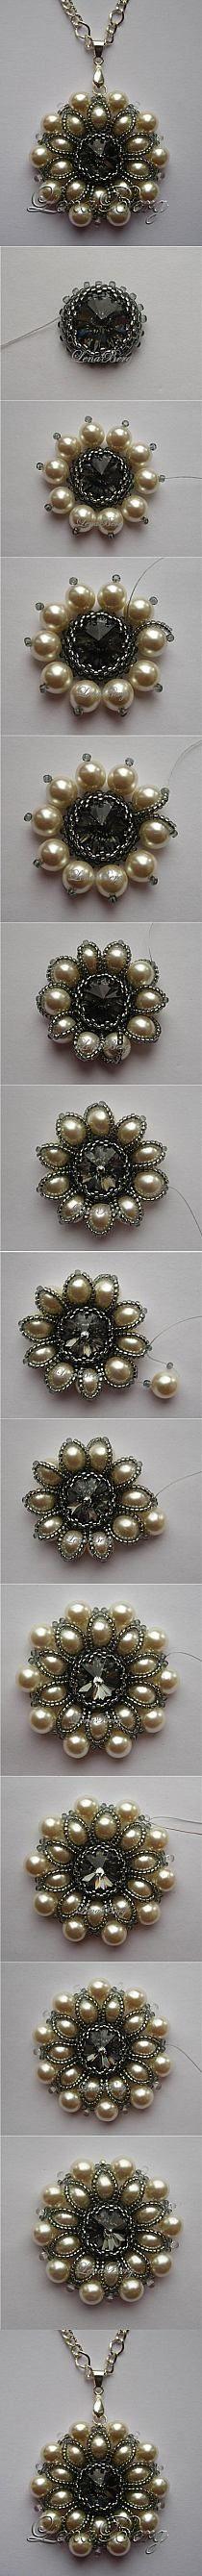 Seed bead, pearl, rivoli pendant